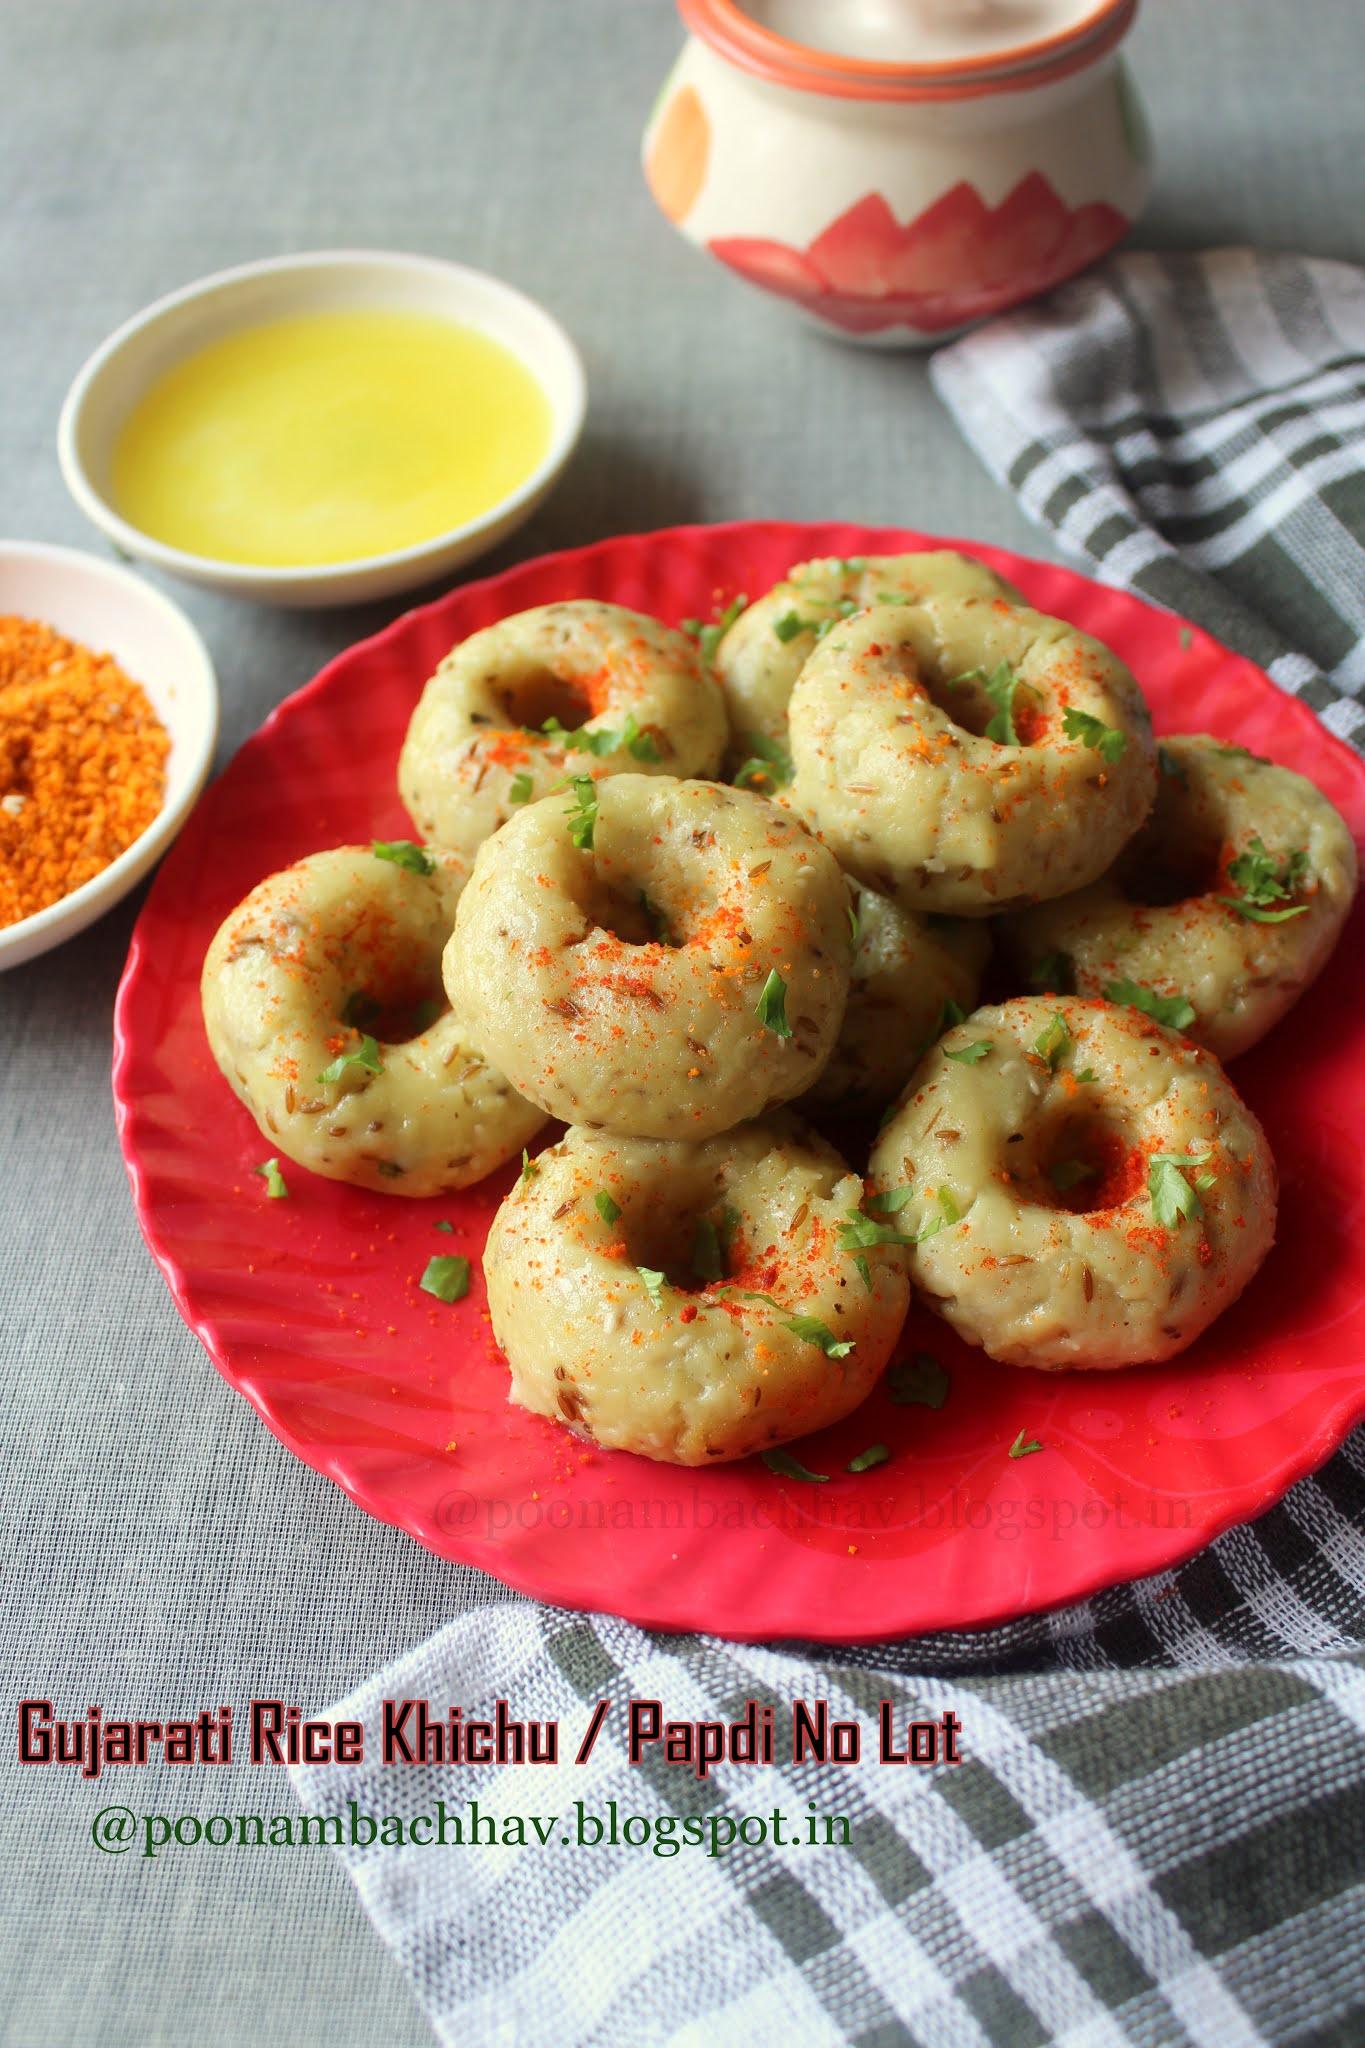 Annapurna Gujarati Rice Khichu Papdi No Lot Recipe